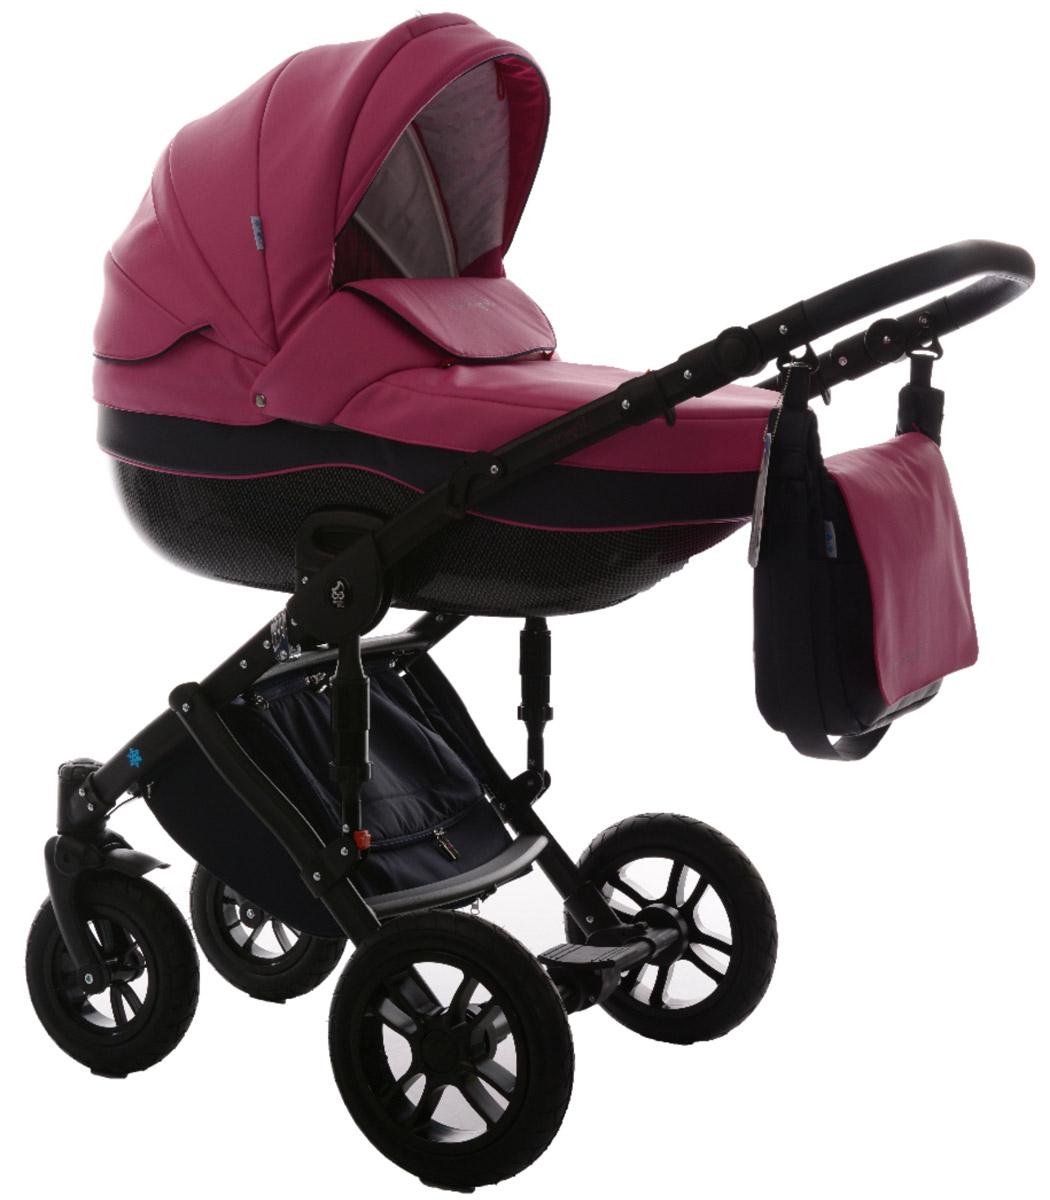 Noordline Коляска универсальная 2 в 1 Stephania №05 цвет розовый серыйNL-STP-05Noordline Stephania из эко-кожи - всесезонная коляска с поворотными колесами. Поставляется в комплектации 2 в 1, предназначена для детей с рождения до 3,5 лет (до 15 кг). Отличается внешним видом, длительным сроком службы, теплой люлькой, простотой в эксплуатации, быстрой трансформацией в прогулочный блок с мягким и удобным раскладывающимся креслом. Стильный внешний вид без потери комфорта для прогулок по городу и за его пределами Не продуваемый короб с высокими бортами и утепленный экологически чистым материалом, который легко снять и выстирать Разработка для суровых климатических условий Передняя пара поворотных колес может быстро менять направление движения благодаря возможности поворота вокруг своей оси Европейская сборка в Польше и немецкие материалы позиционируют коляску Noordline Stephania как продукт, предназначенный для эксплуатации в семье, планирующий постепенное рождение 2-3 детей Люлька: Большого размера люлька ...